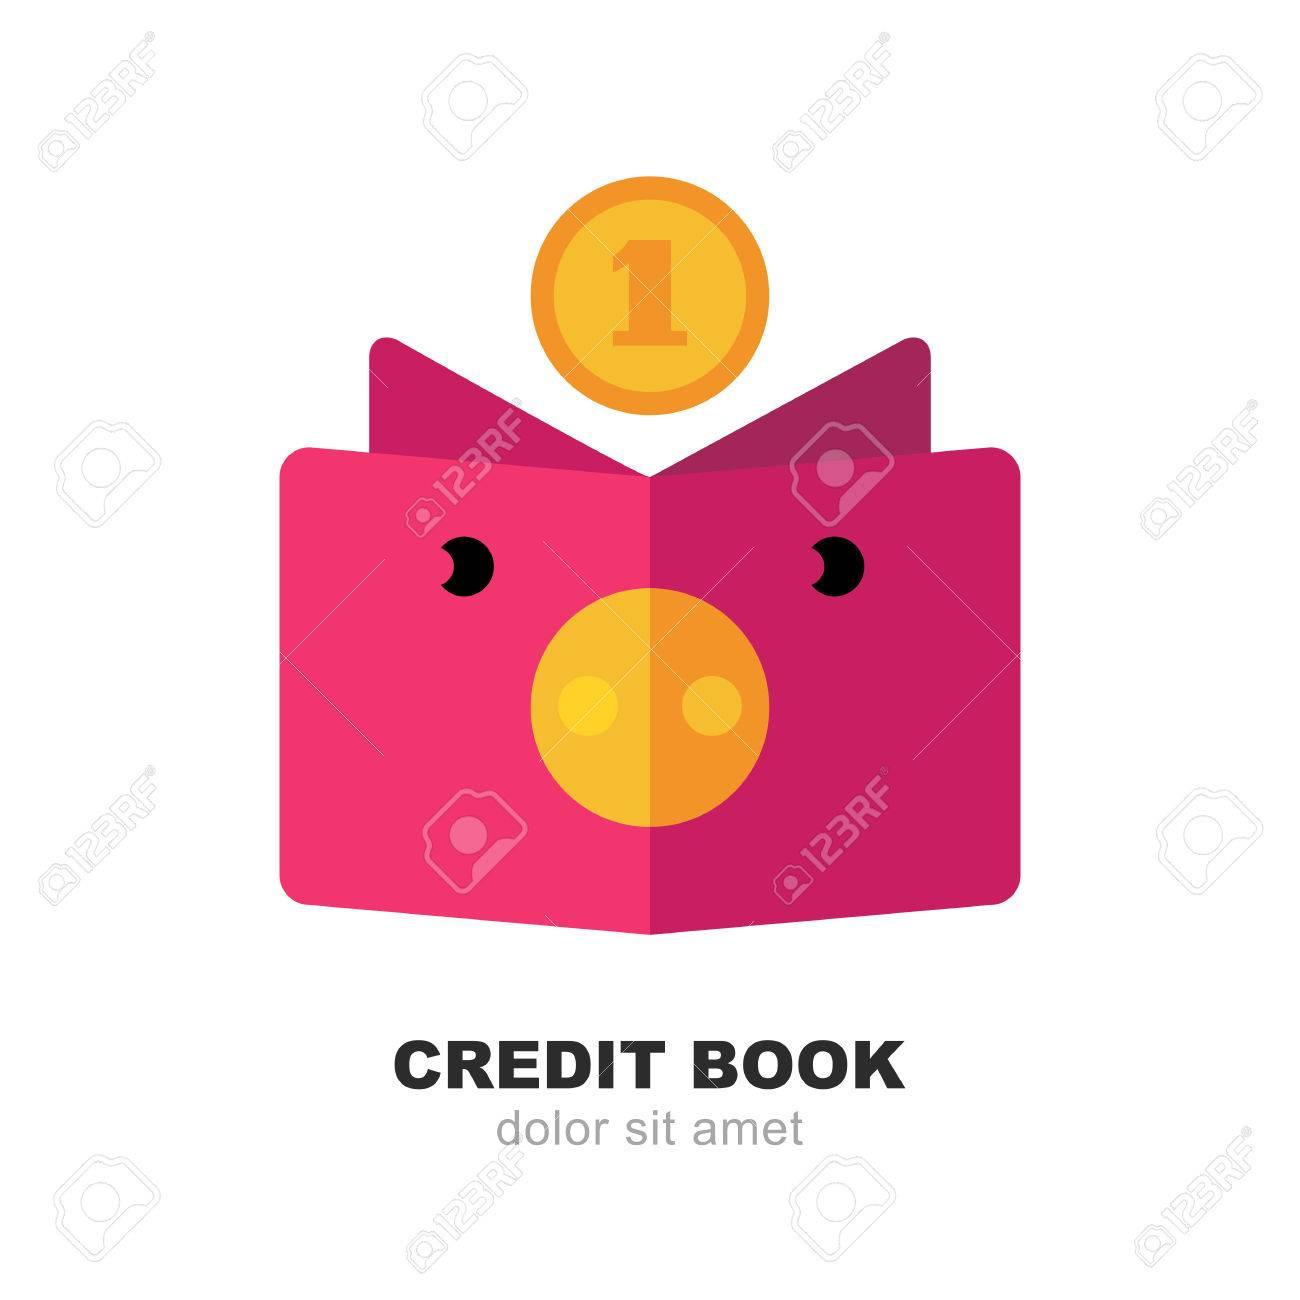 Hucha Resumen De Cerdo, El Libro Y La Moneda Caída. Vector Logo ...